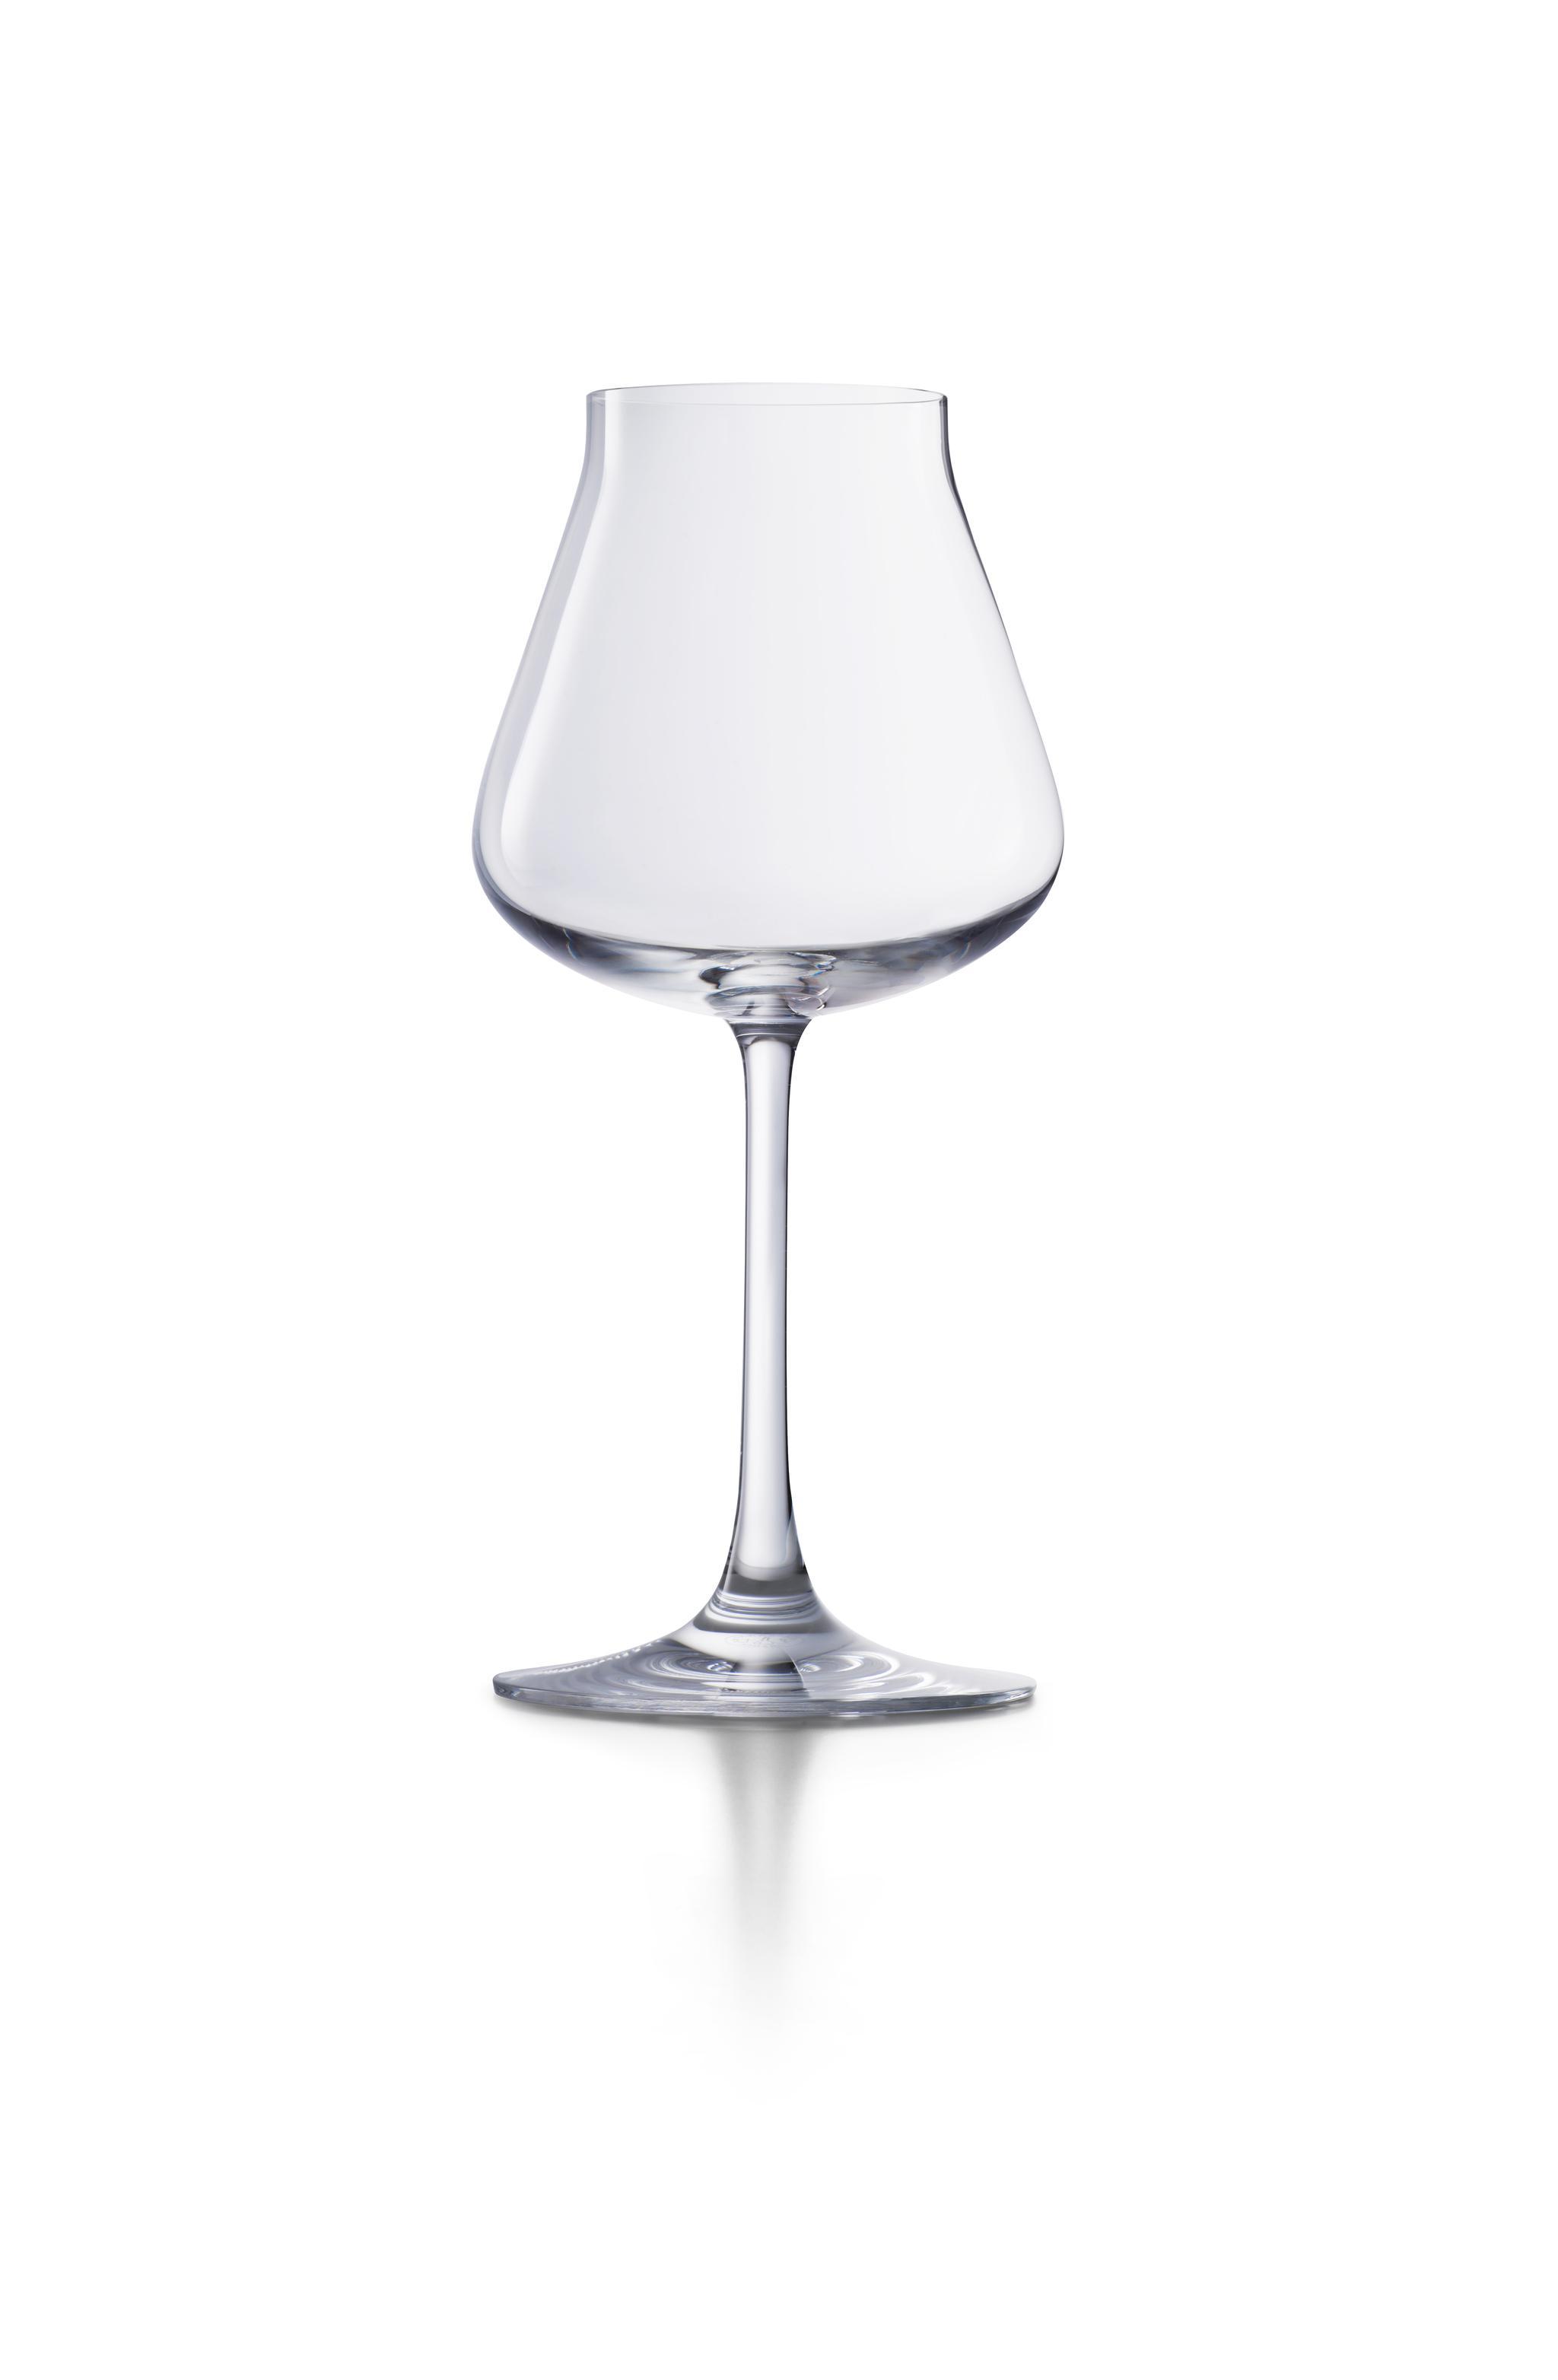 巴卡拉酒庄葡萄酒杯单品图